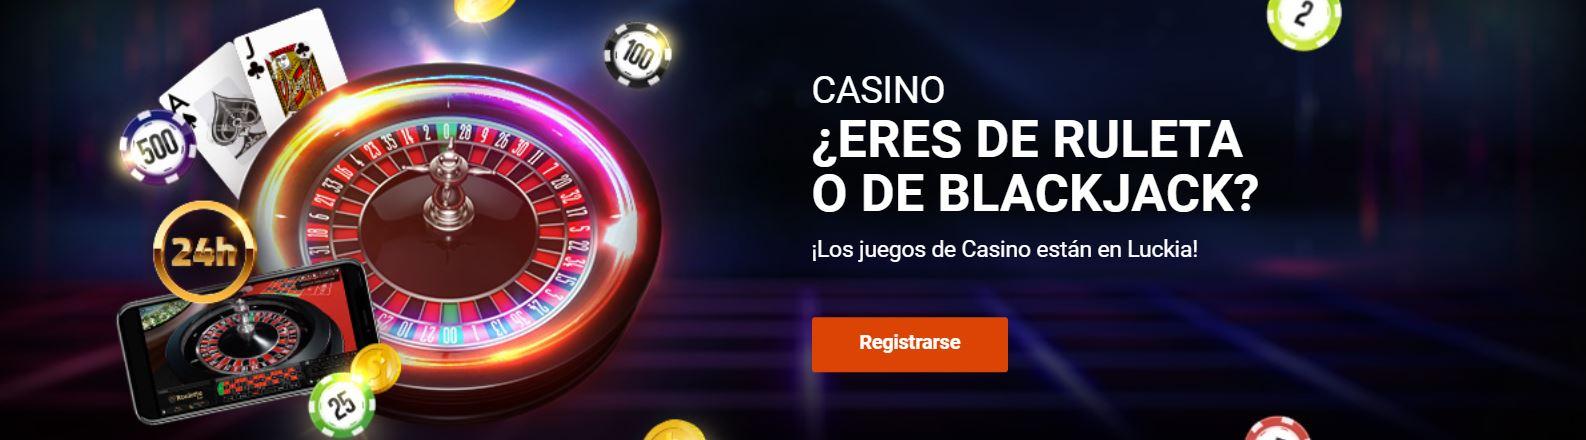 Al regitrarte en un casino online bolivia podrás acceder a promociones.